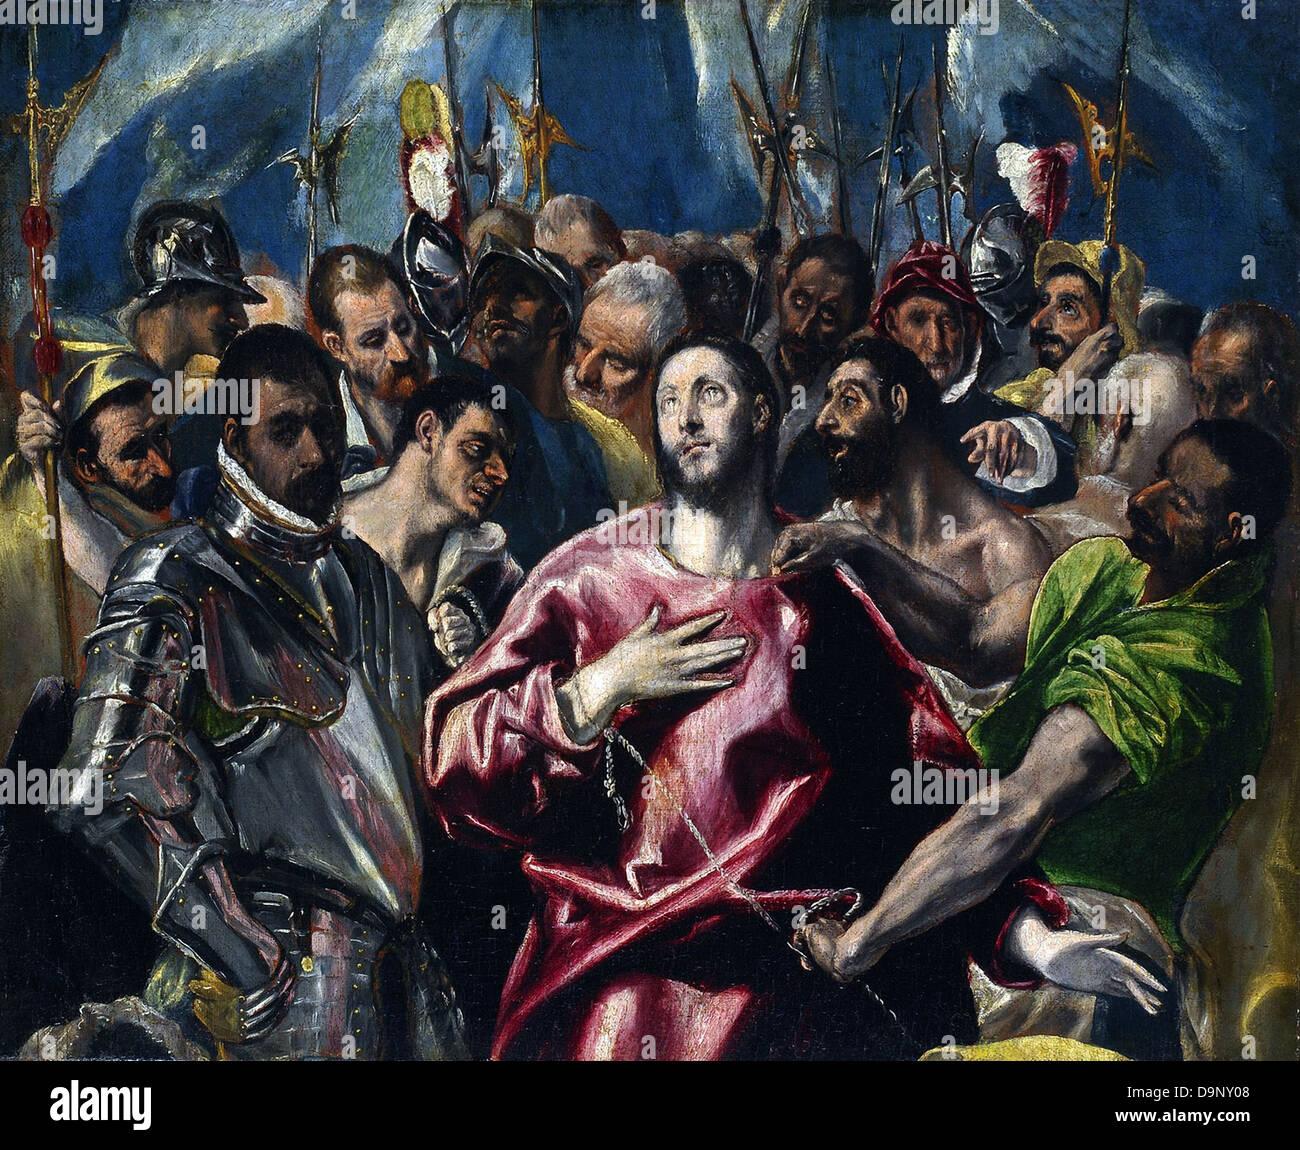 El Greco L'Espolio Beaux-Arts Museum - Lyon - Stock Image